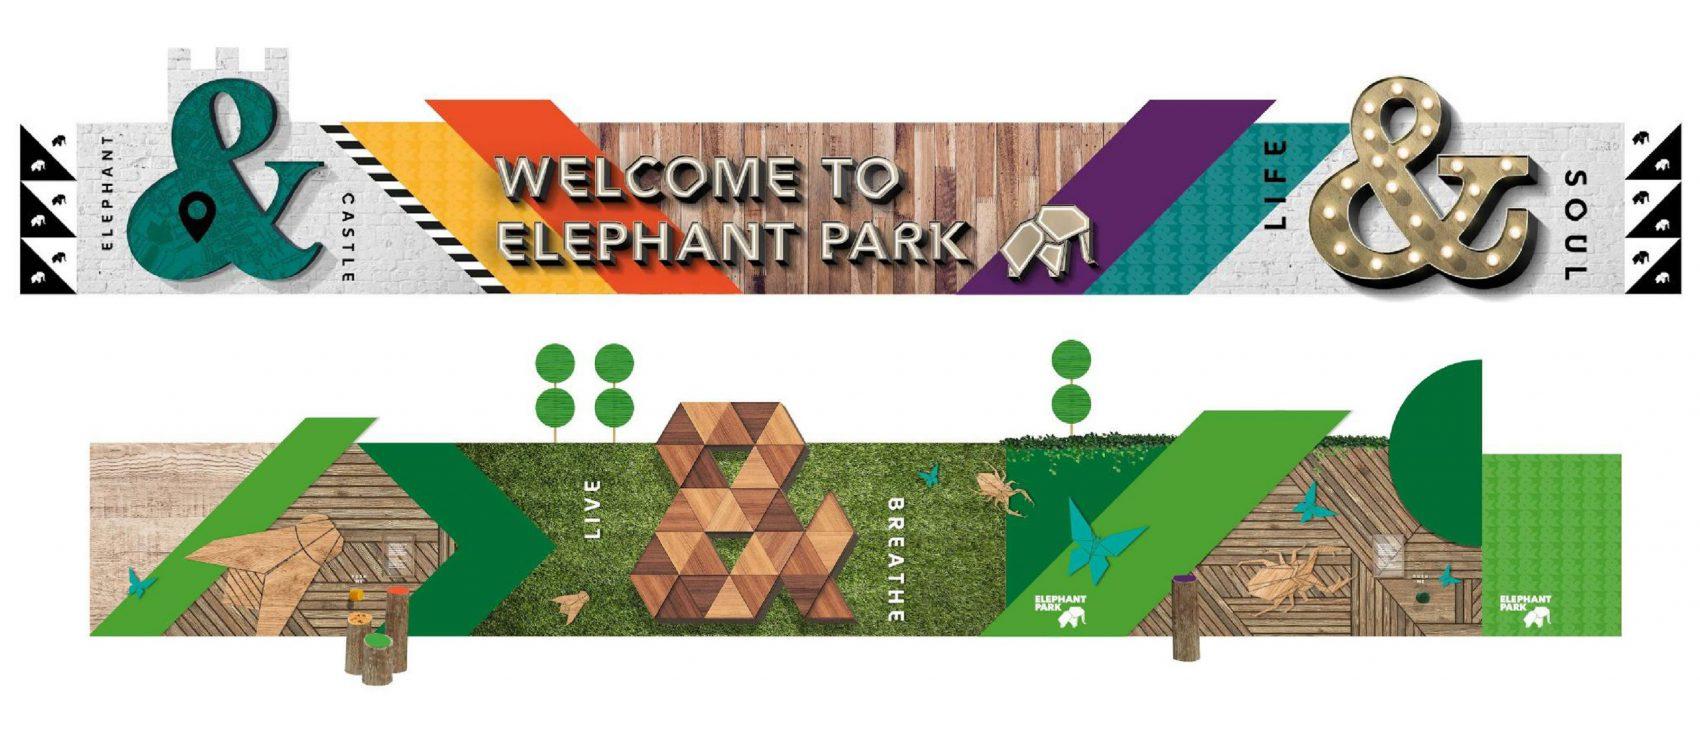 Elephant Park Hoarding Design